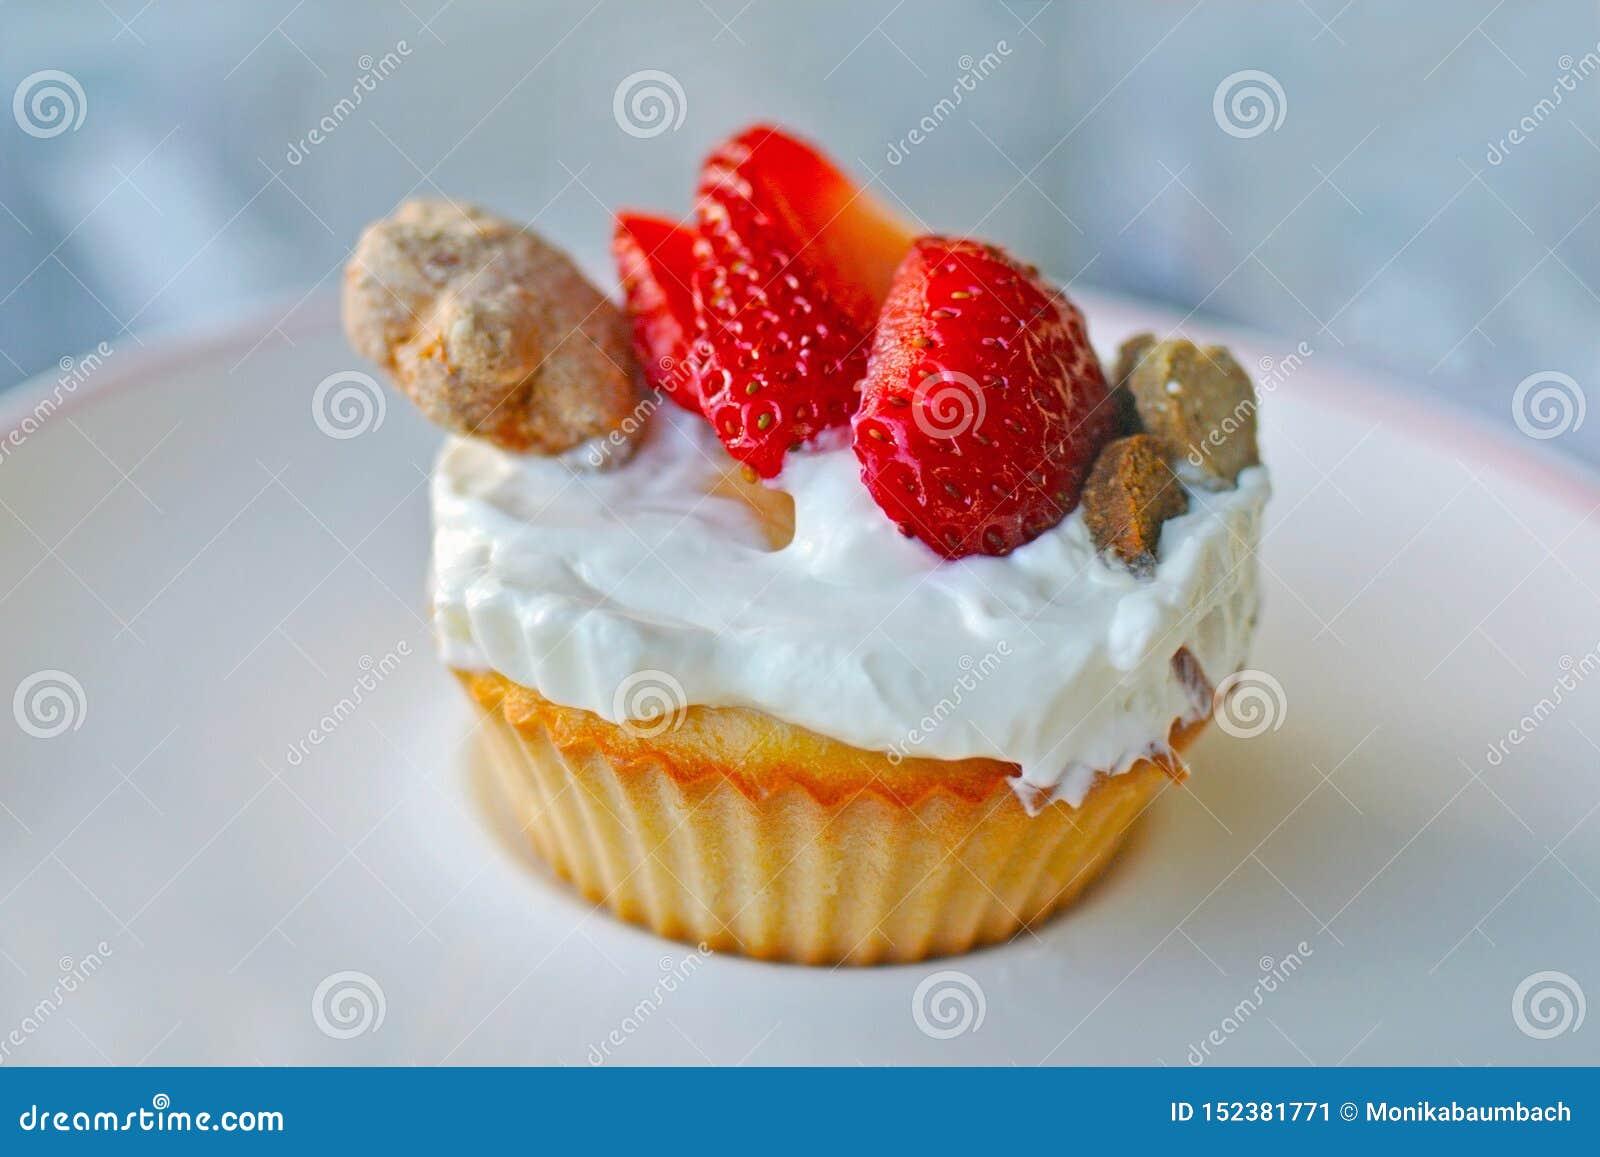 Το Cupcake που γίνονται με το αυγό και που ολοκληρώνονται με το γιαούρτι, οι φράουλες και το ψημένο σκυλί μεταχειρίζονται στο άσπ